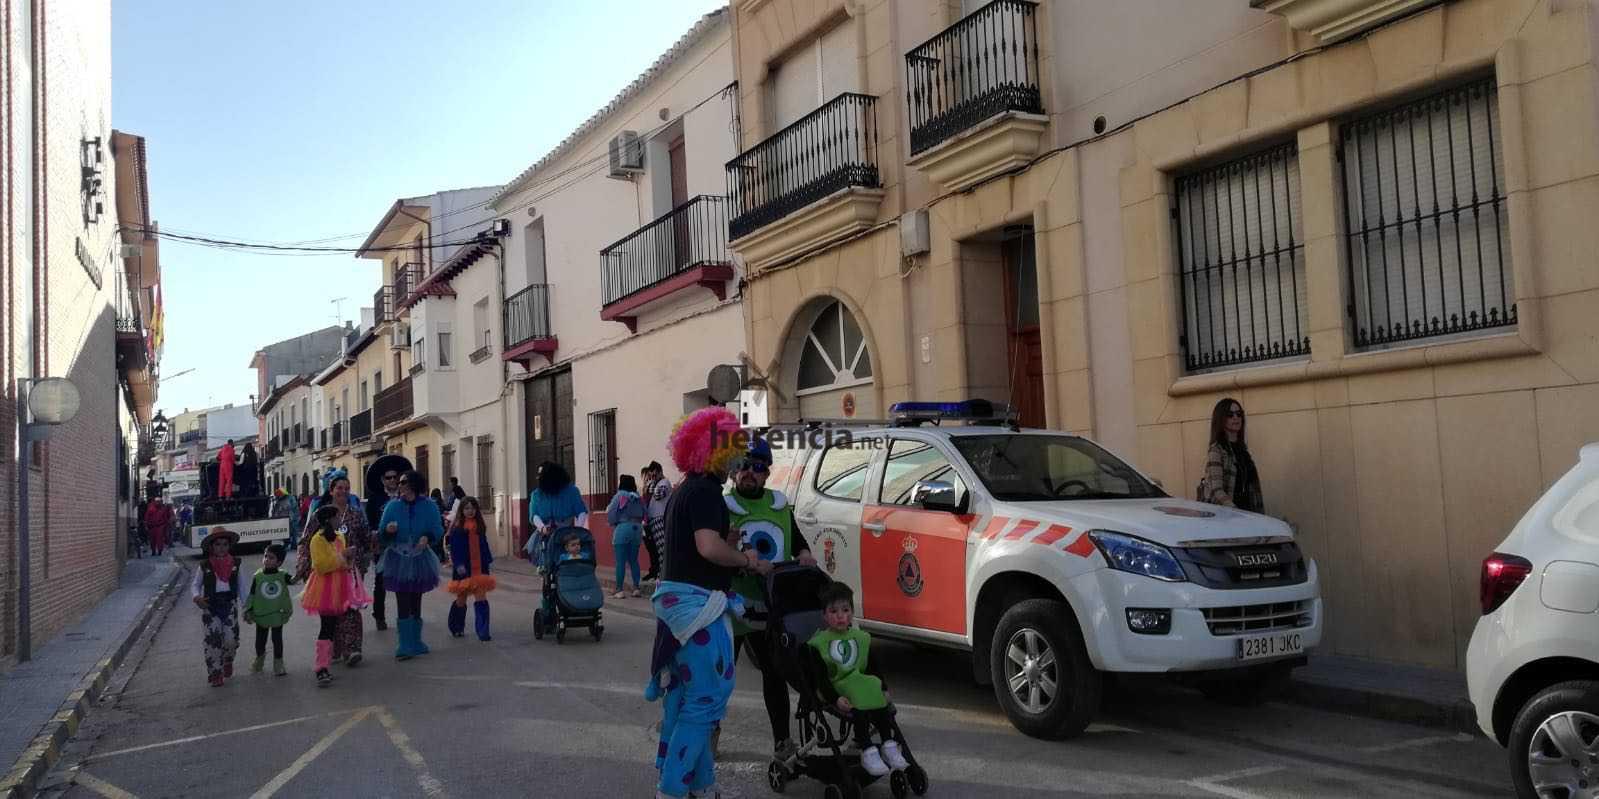 Carnaval herencia 2020 pasacalles domingo deseosas 15 - El Domingo de las Deseosas invita a todo el mundo al Carnaval de Herencia